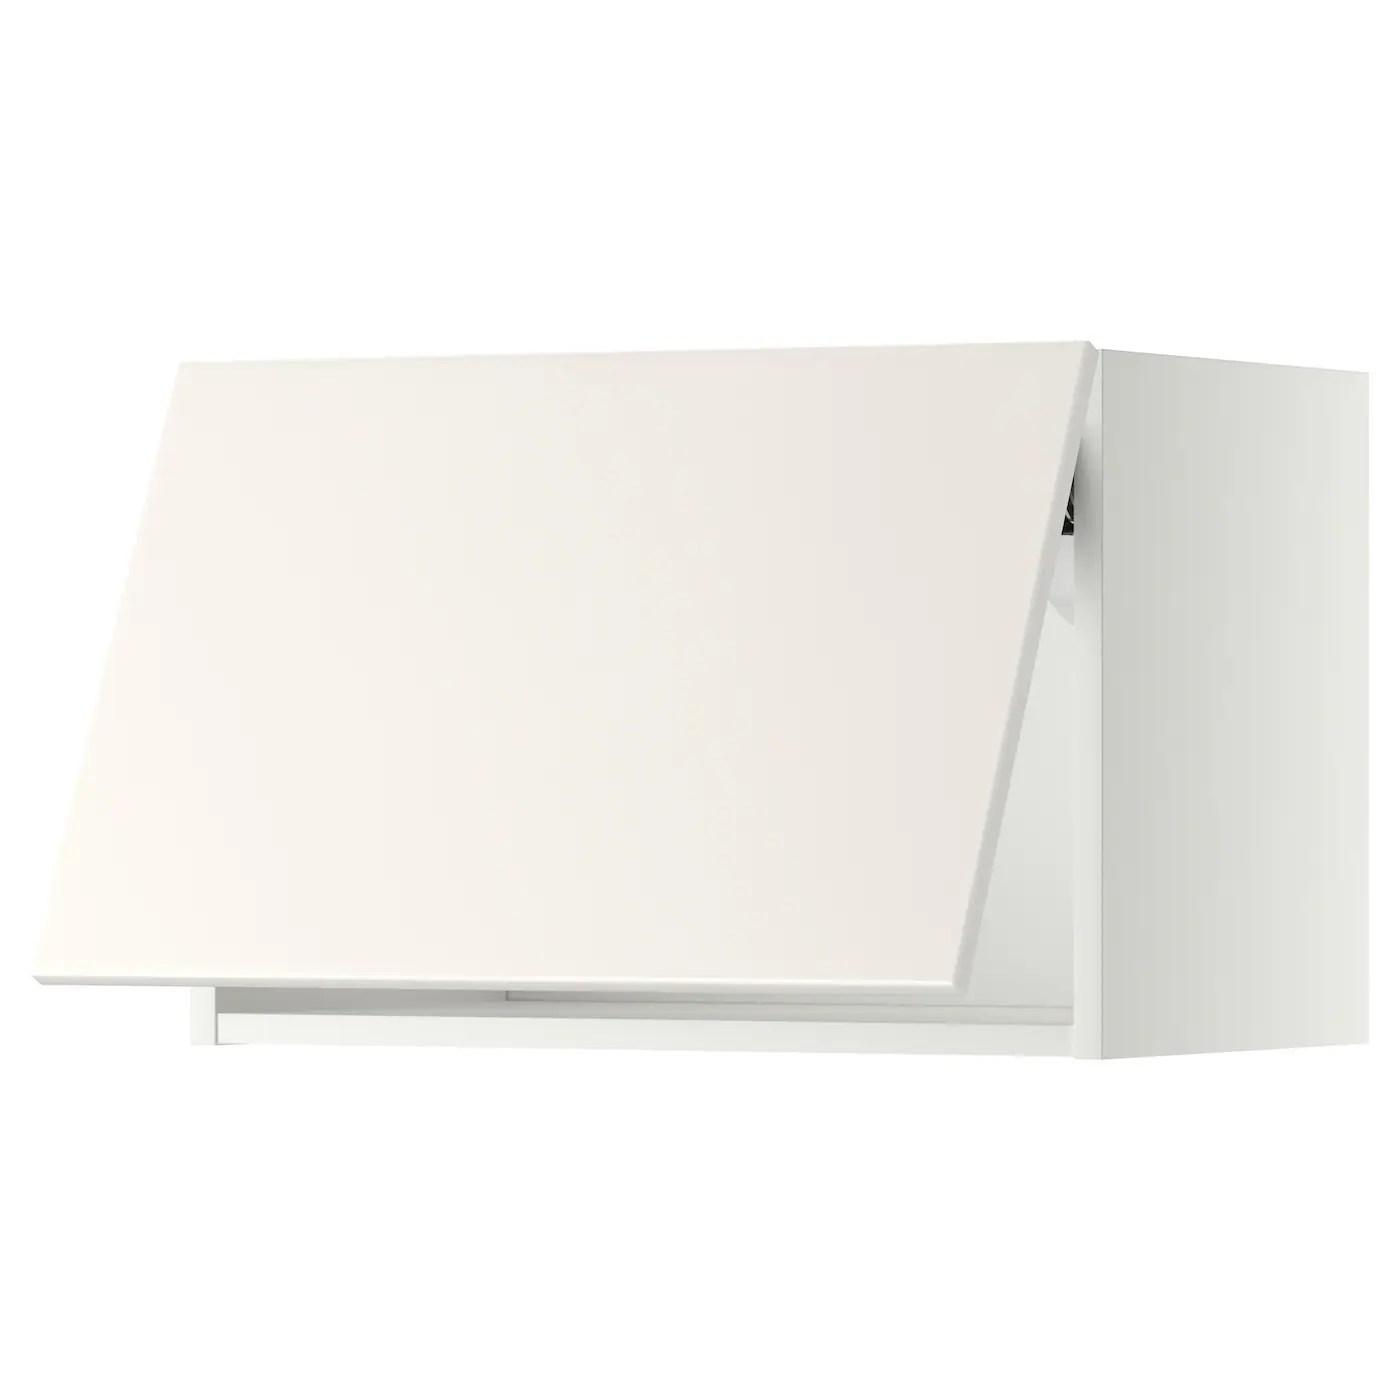 Da bricoman trovi tutti i prodotti al miglior prezzo. Metod Pensile Orizzontale Apertura Press Bianco Veddinge Bianco Ikea It